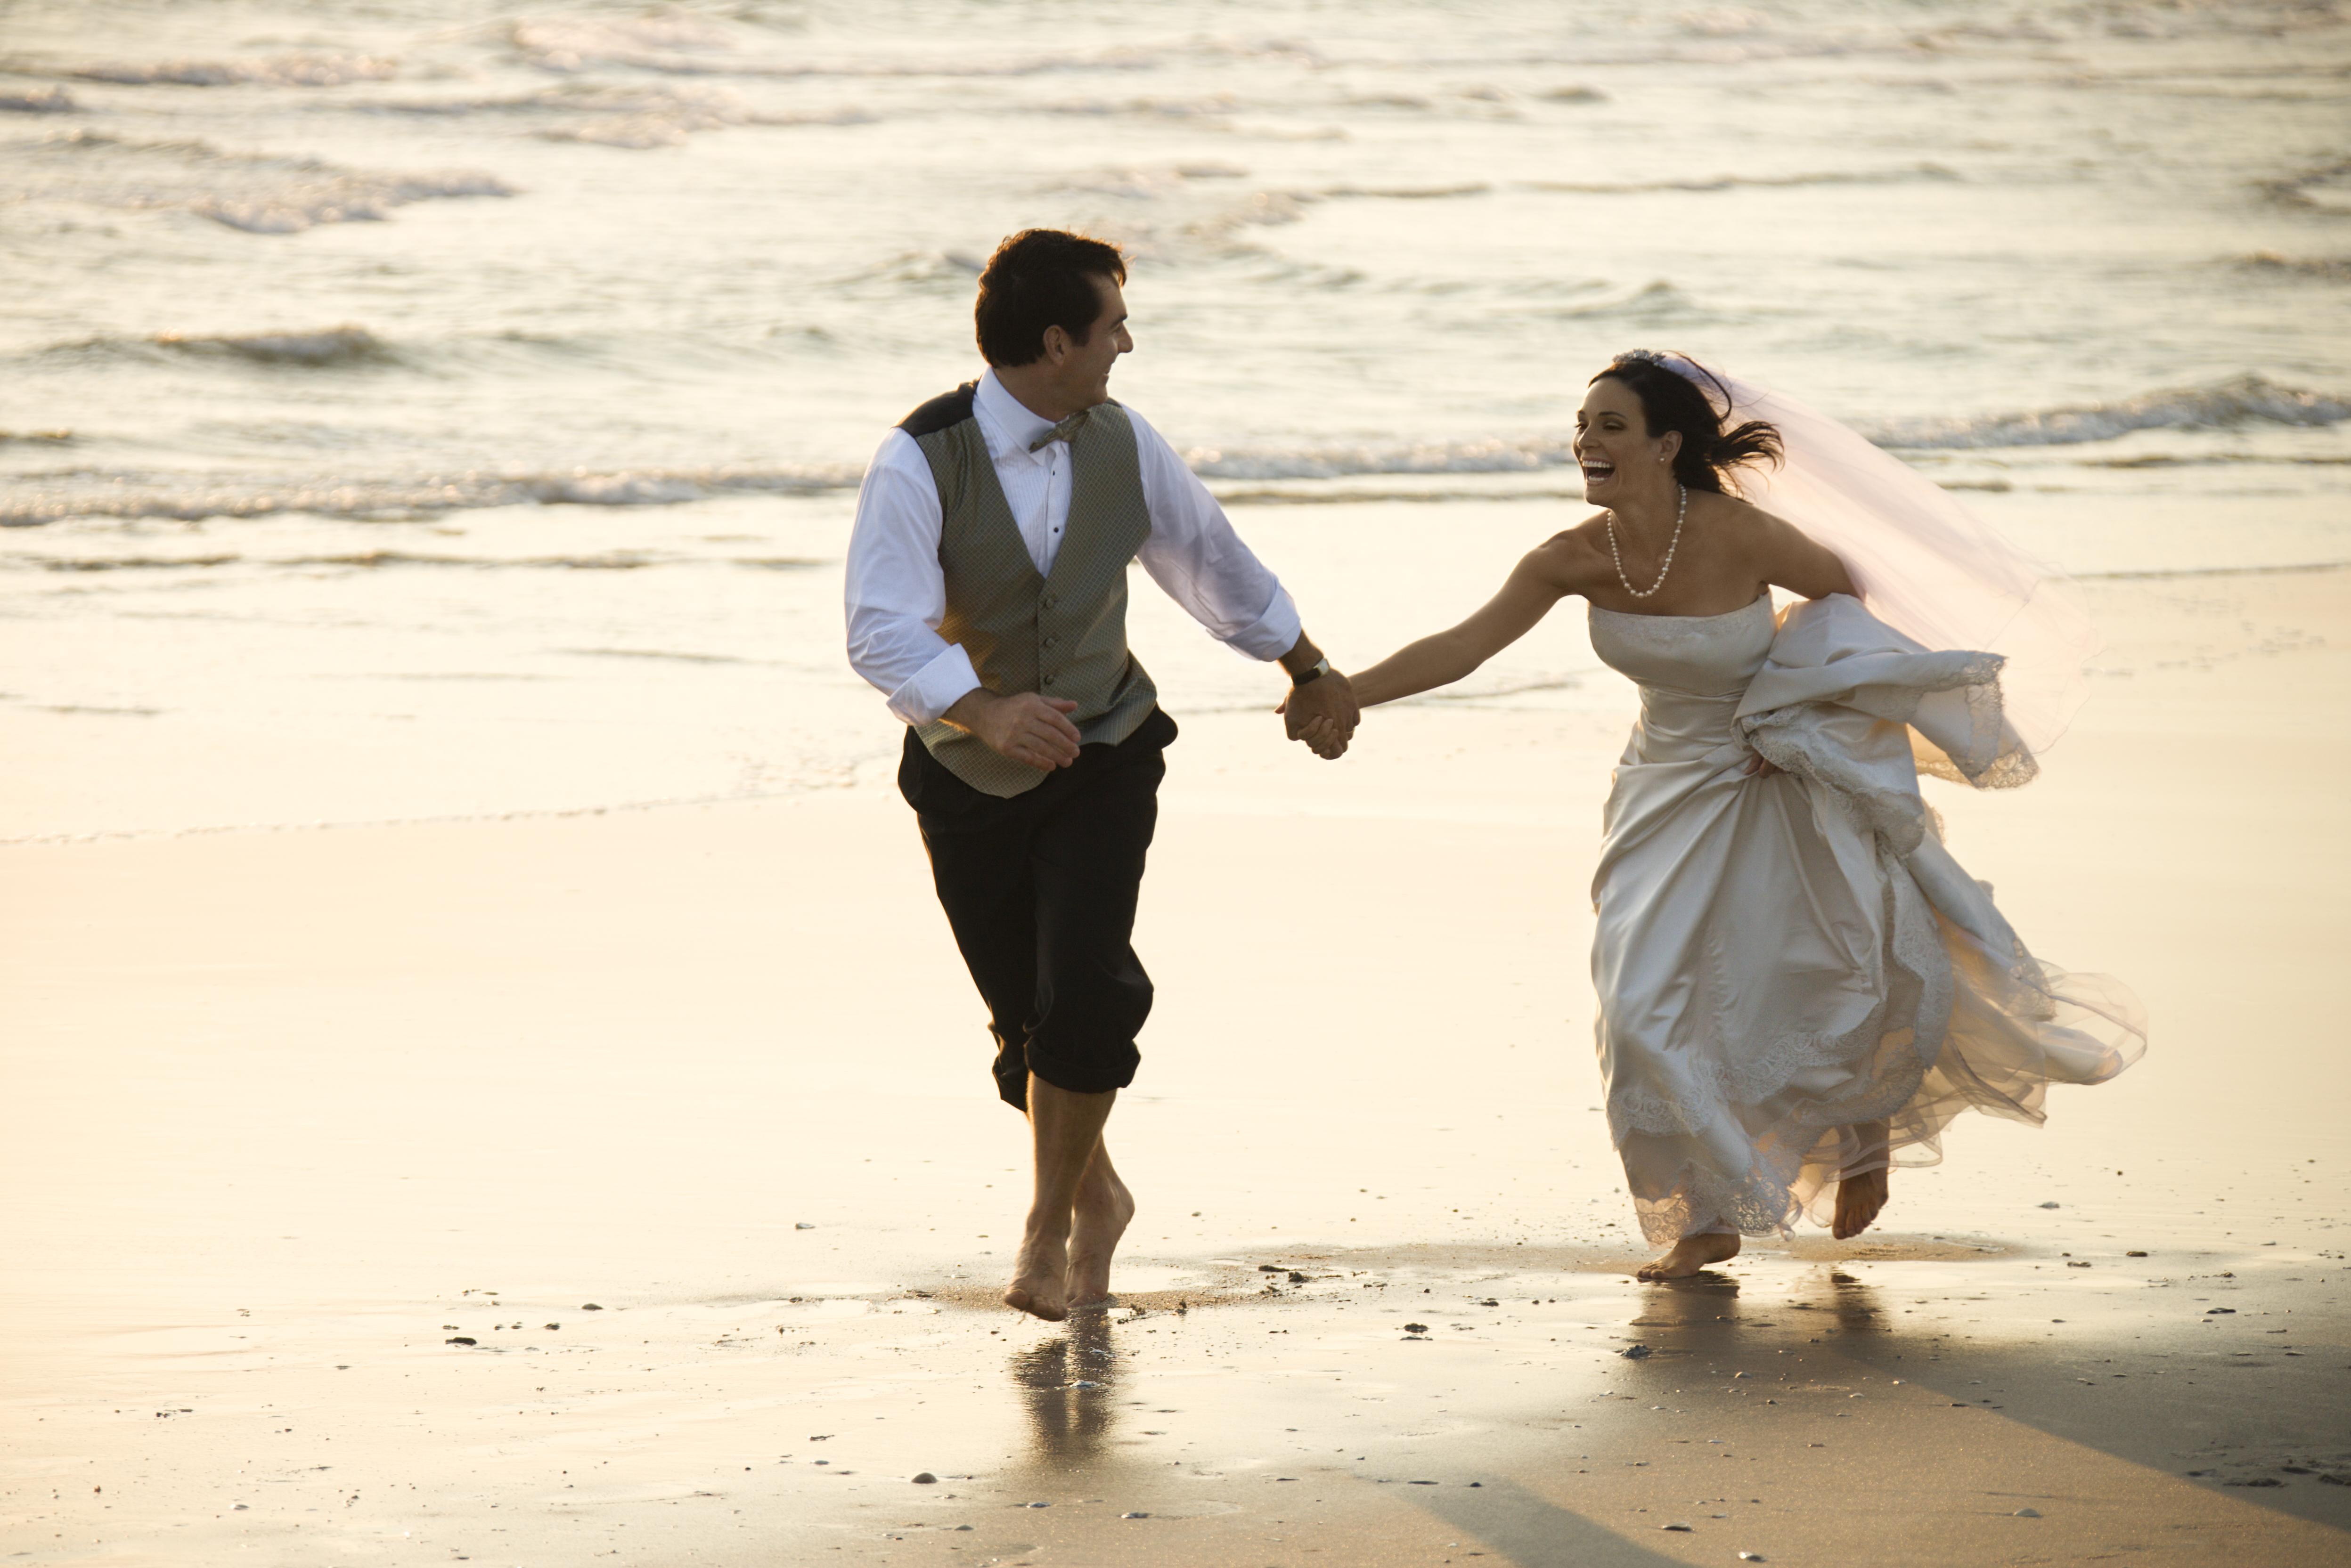 Картинки джоконда, картинки любовь свадьба счастье